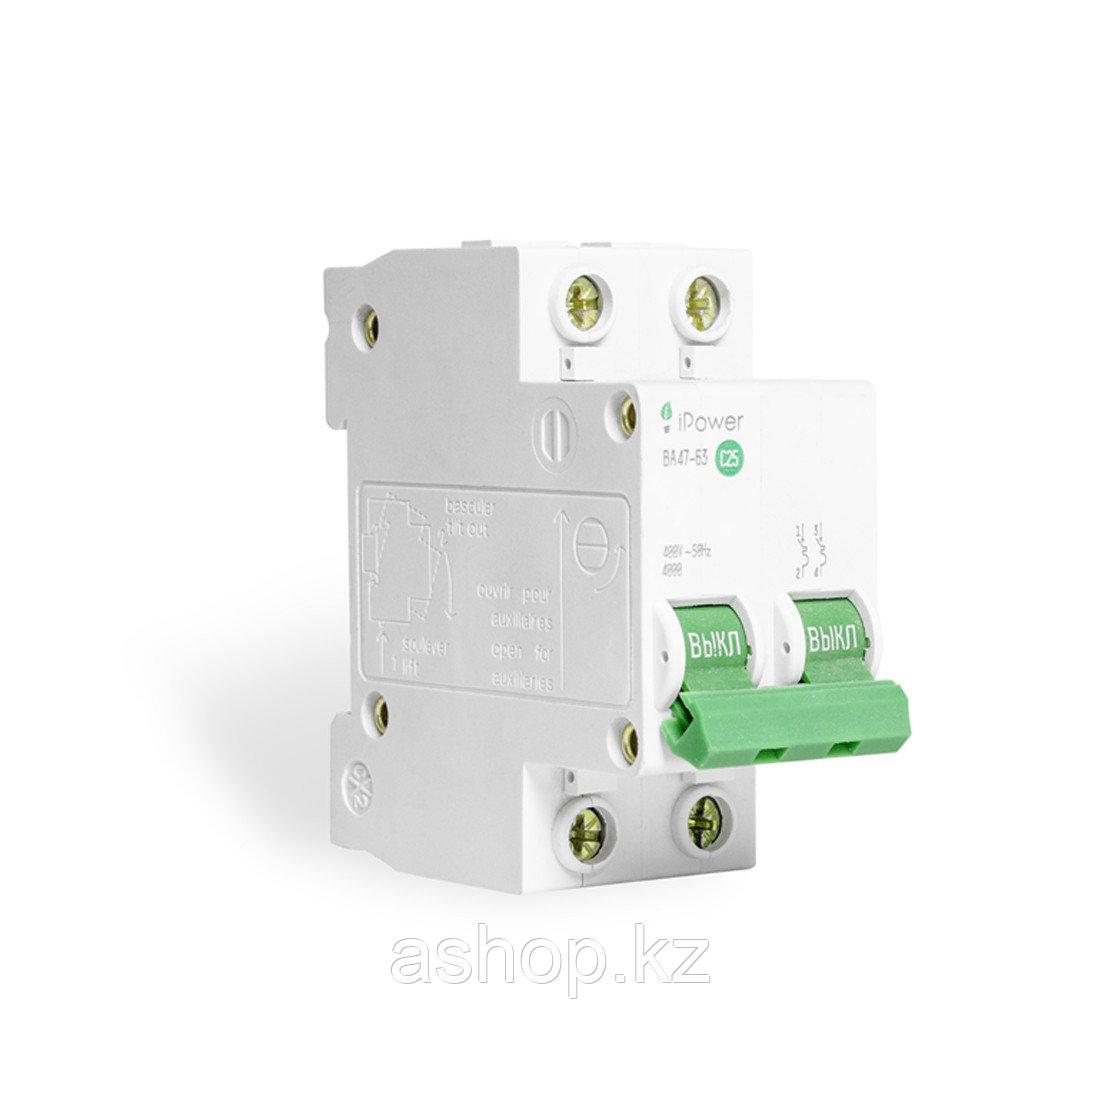 Автоматический выключатель реечный iPower ВА47-63 2P 6А, 230/400 В, Кол-во полюсов: 2, Предел отключения: 4,5